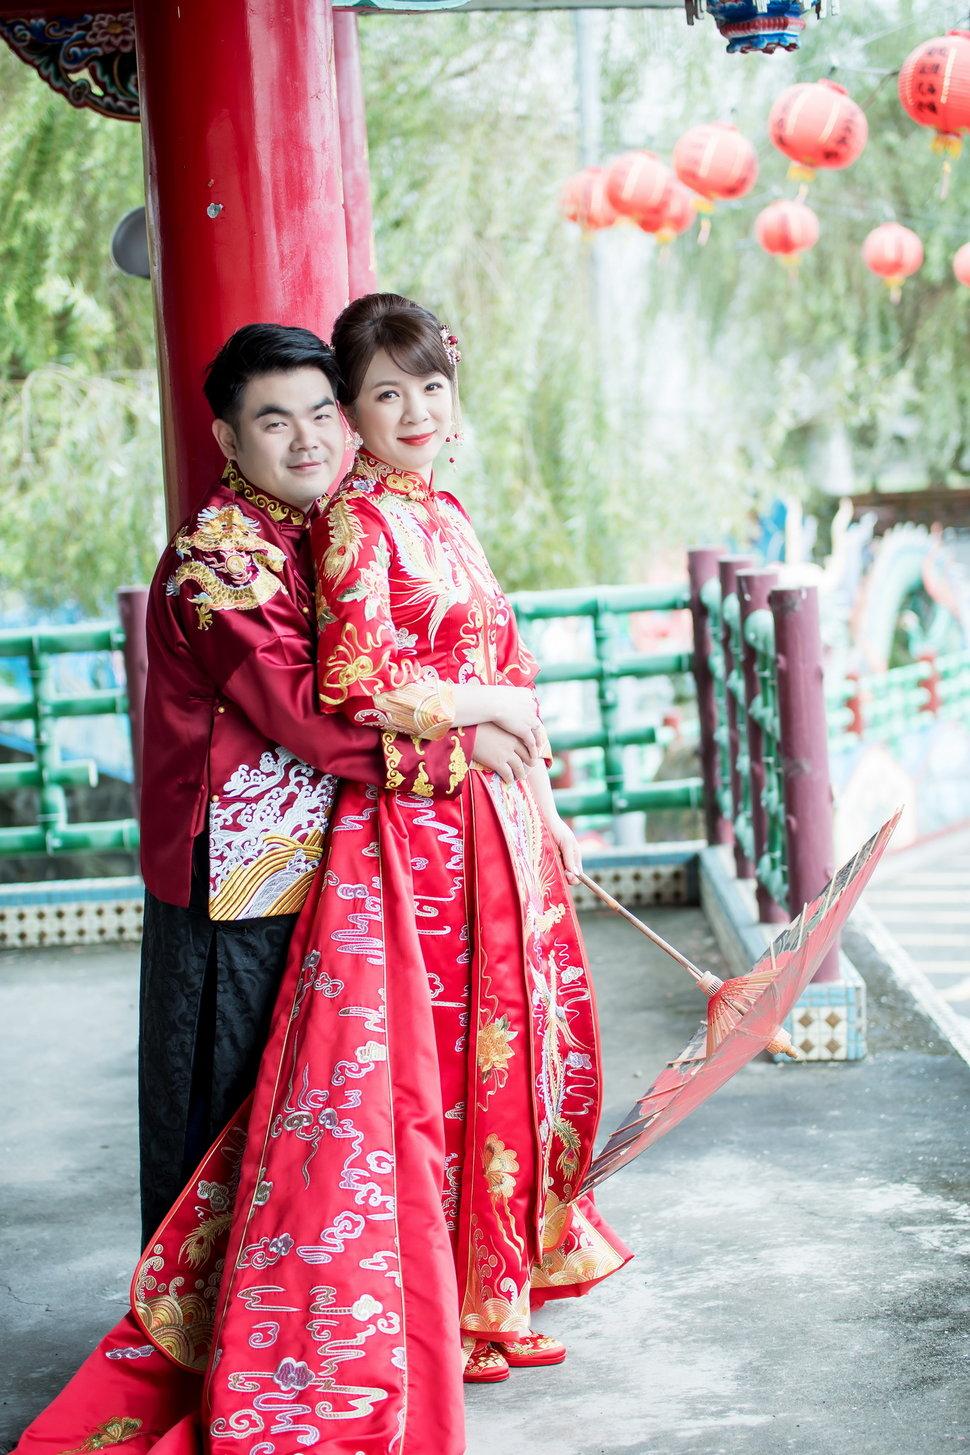 DSC_0057 - Daco  攝影工作室《結婚吧》